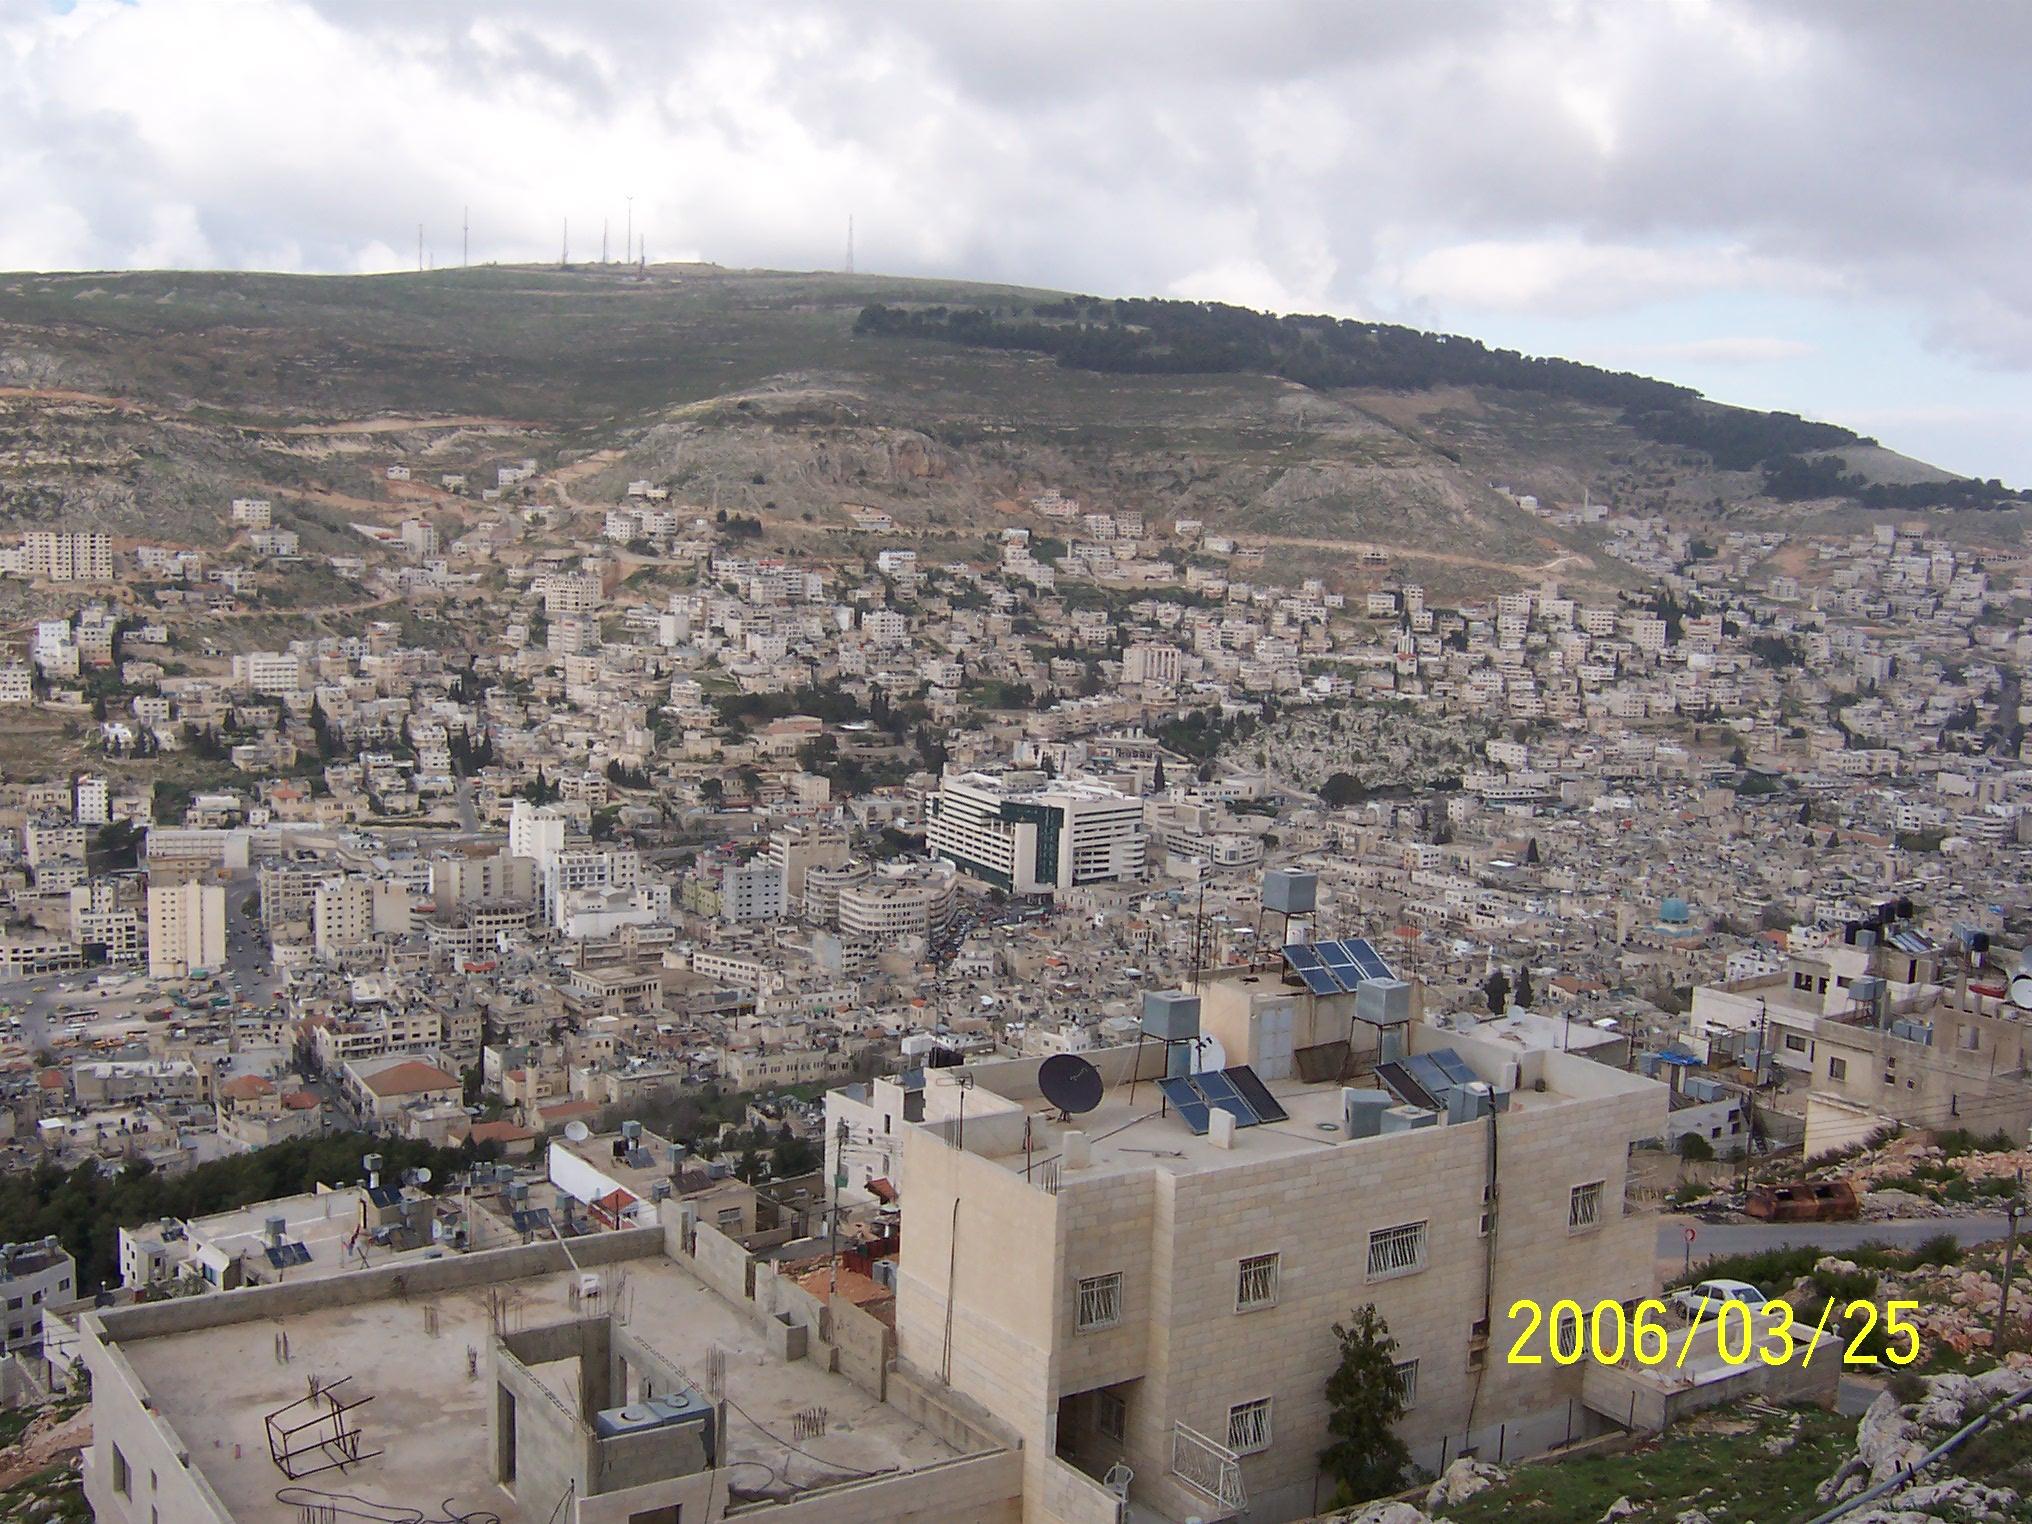 Nablus-Nablus: Nablus 2006 /53343 - Palestine Remembered